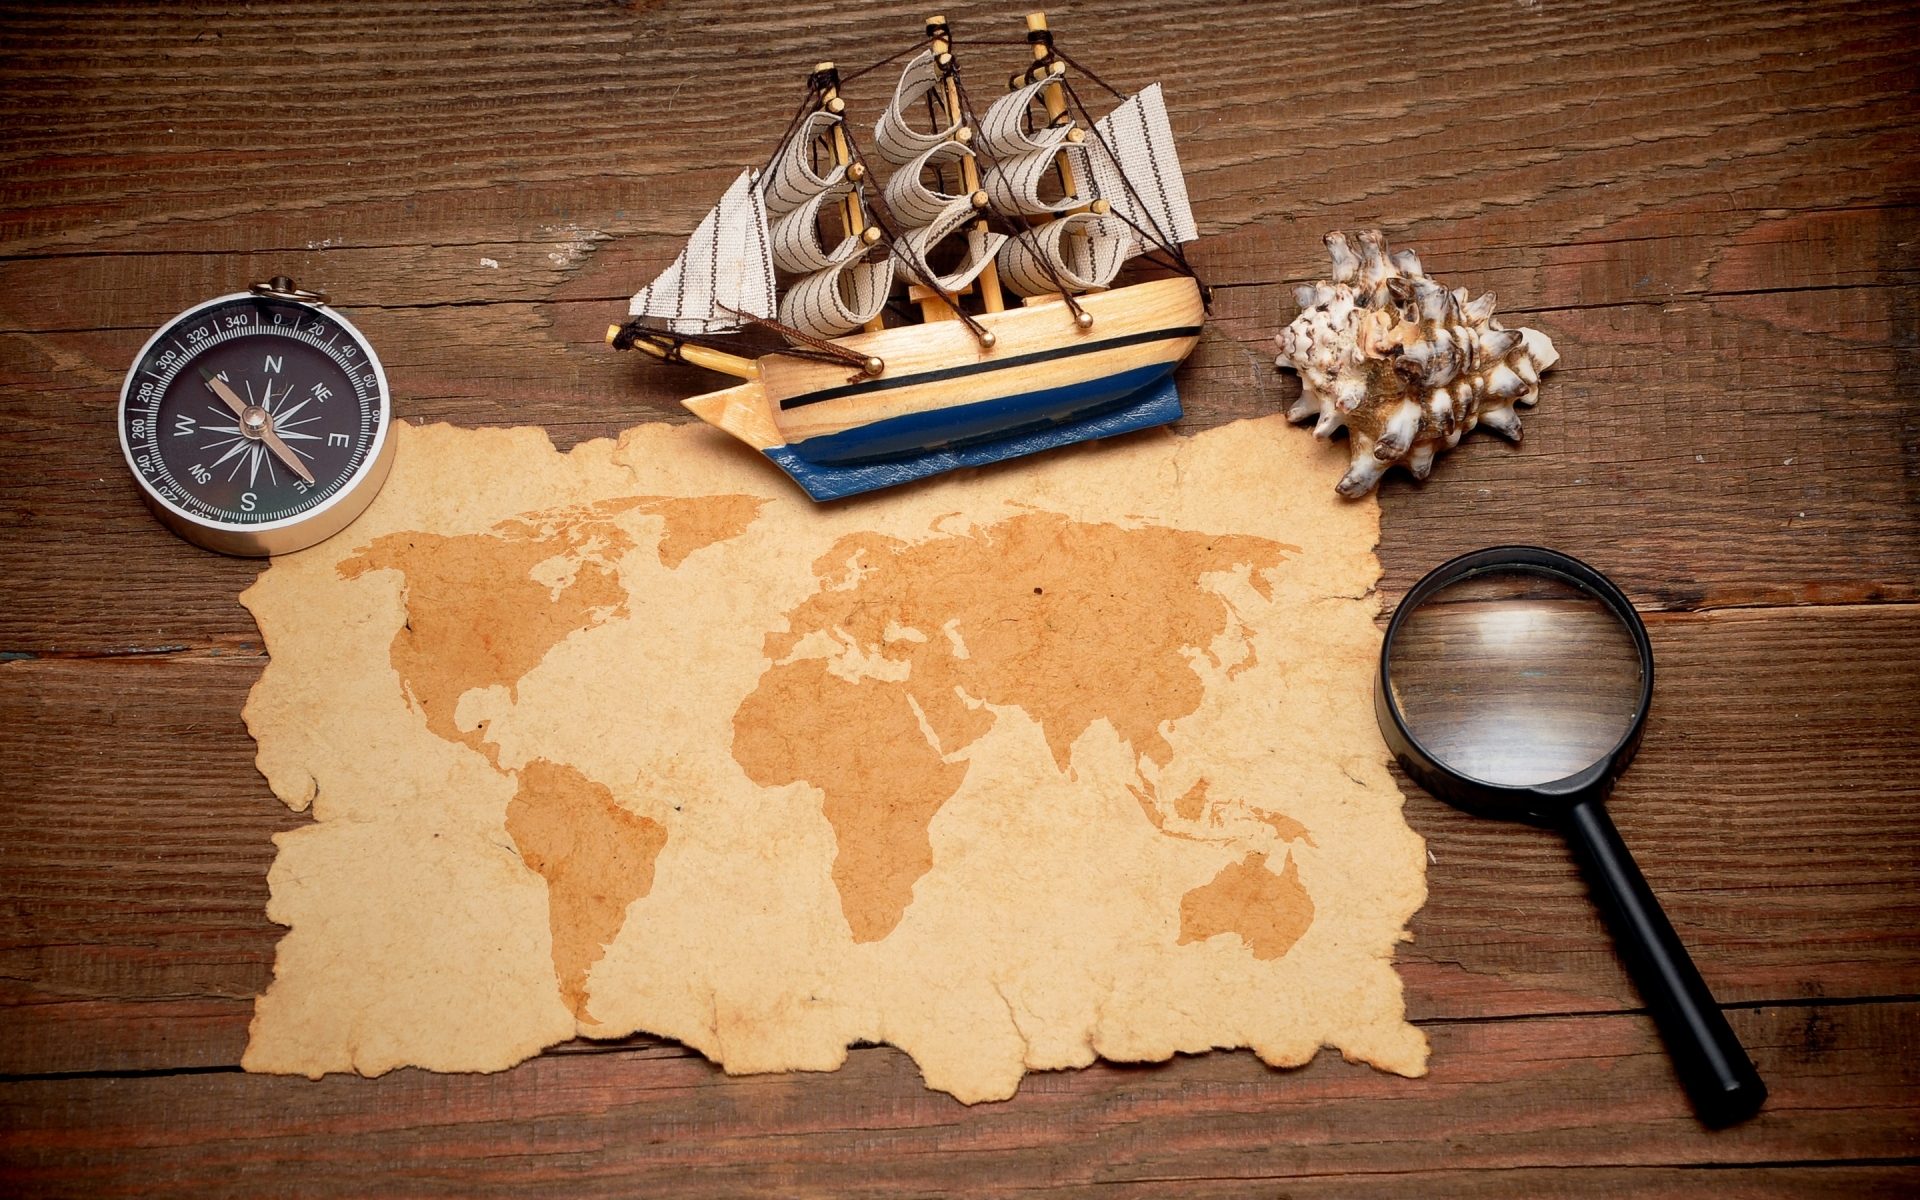 Around the world - Вокруг света